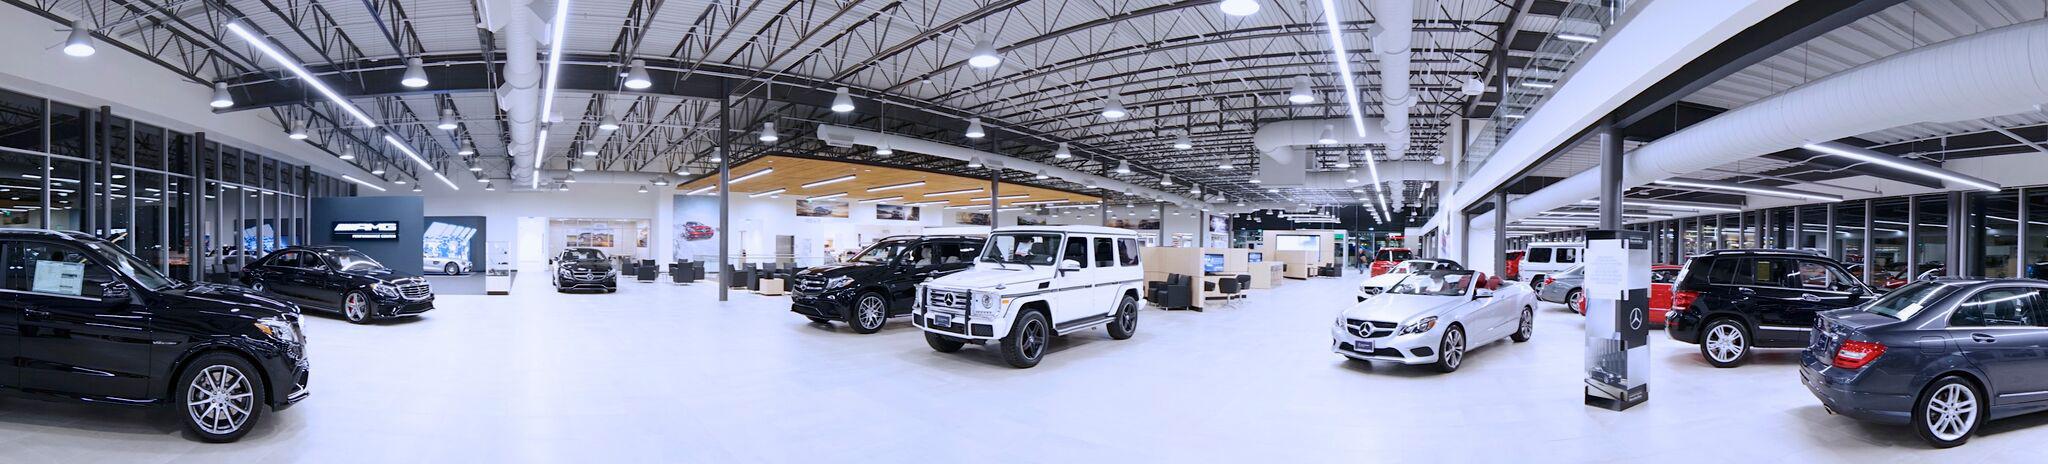 Mercedes-Benz of Denver Showroom